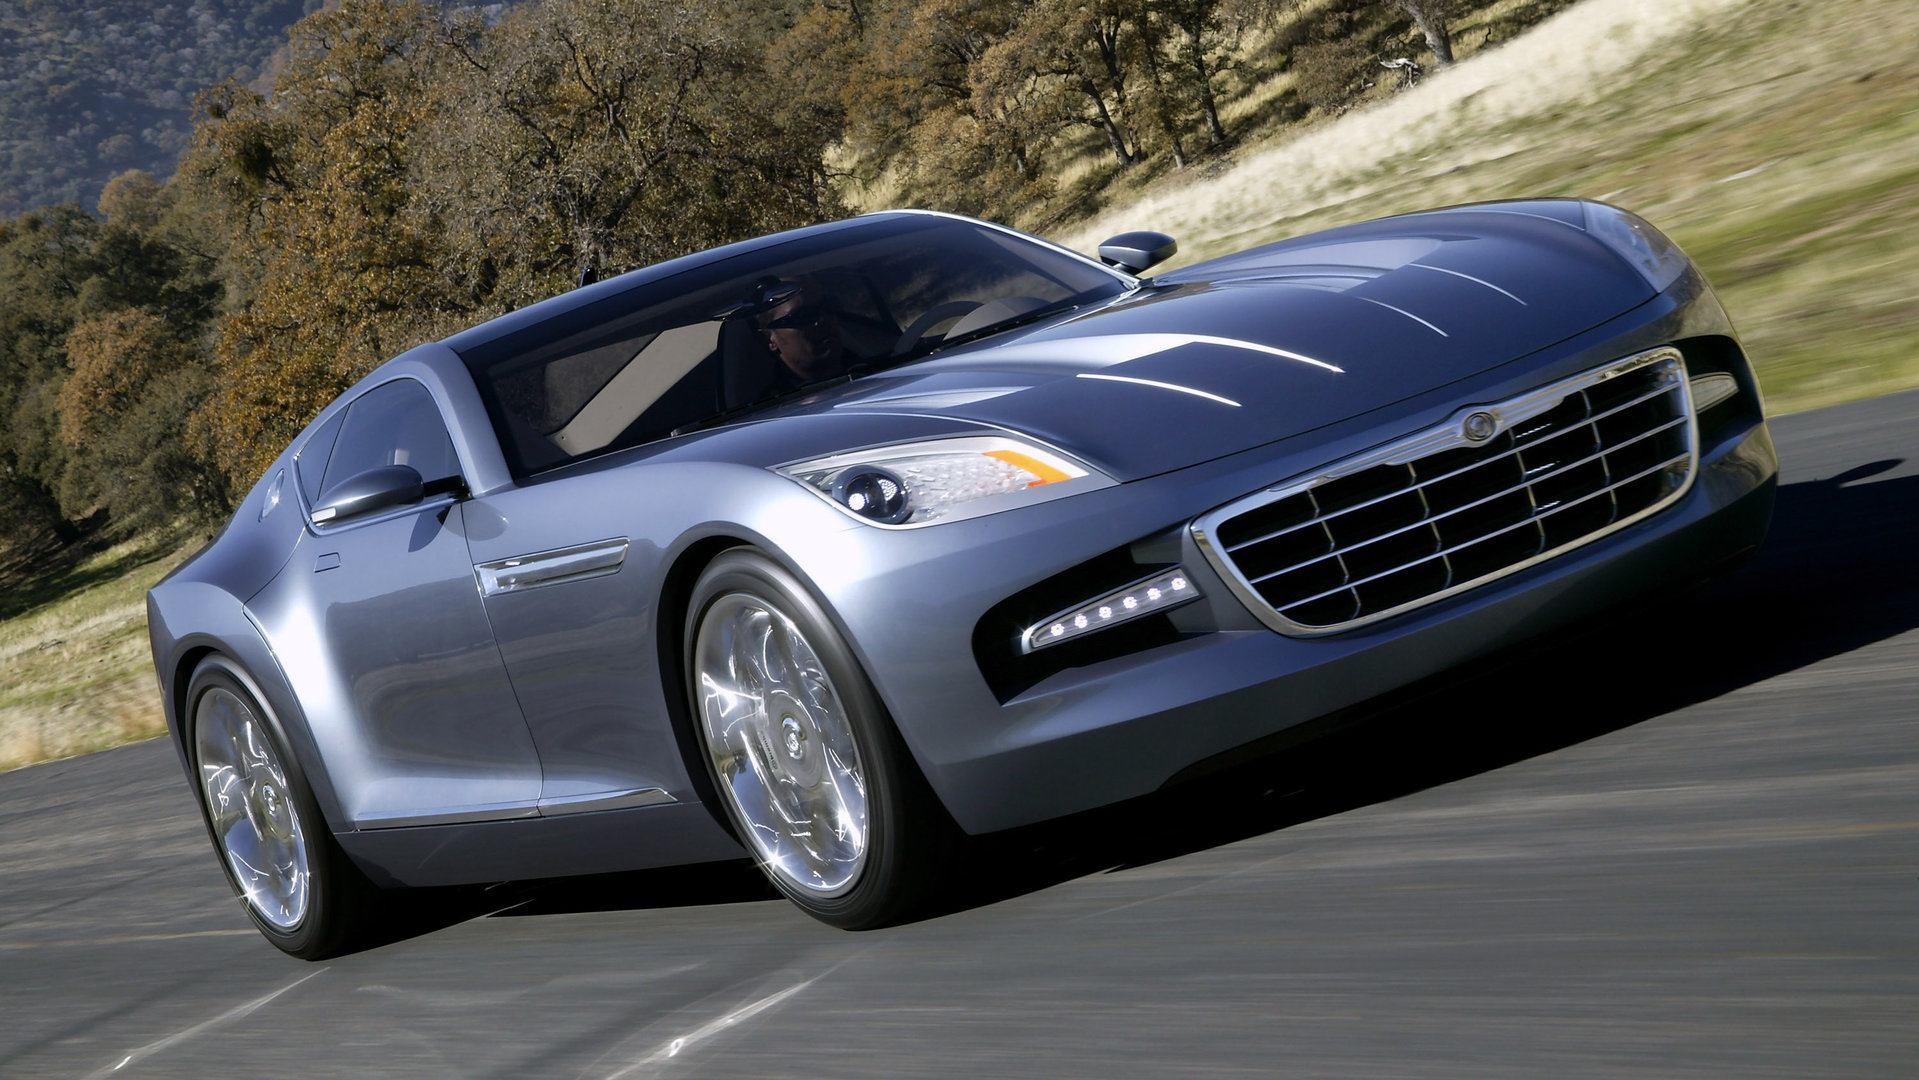 Coche del día: Chrysler Firepower Concept